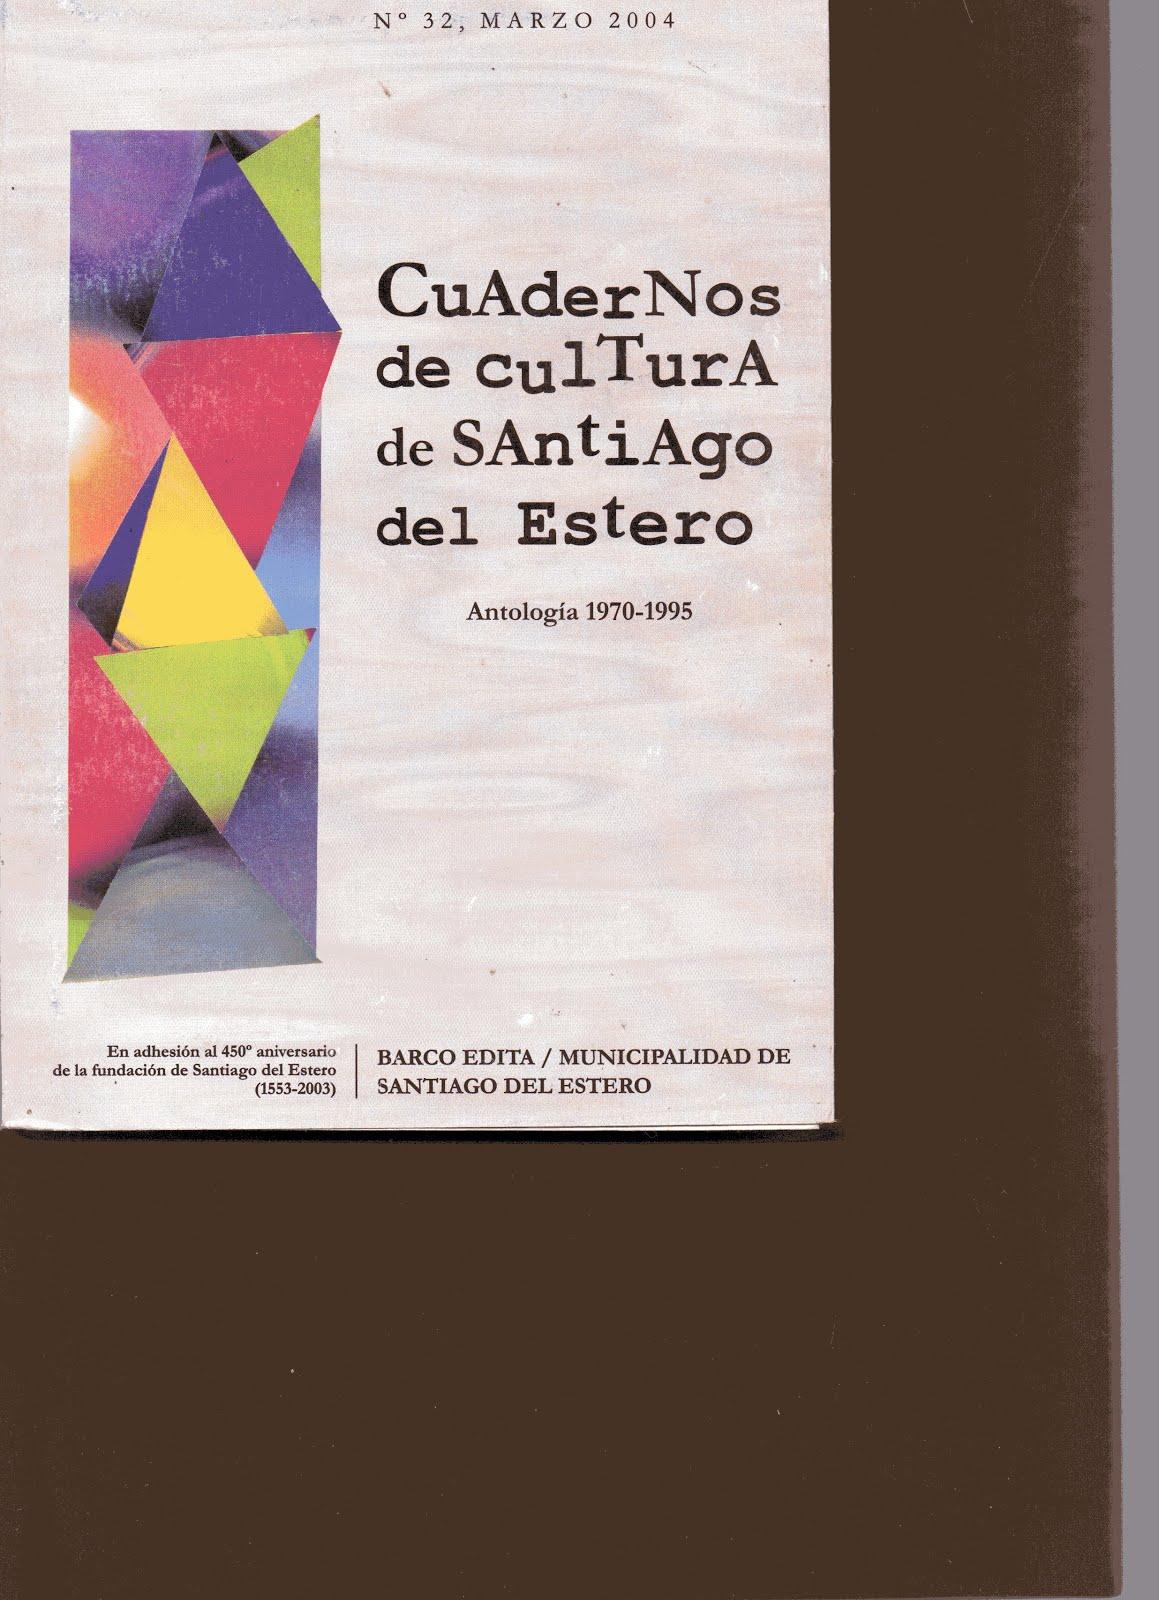 Cuadernos de Cultura 1970-1995